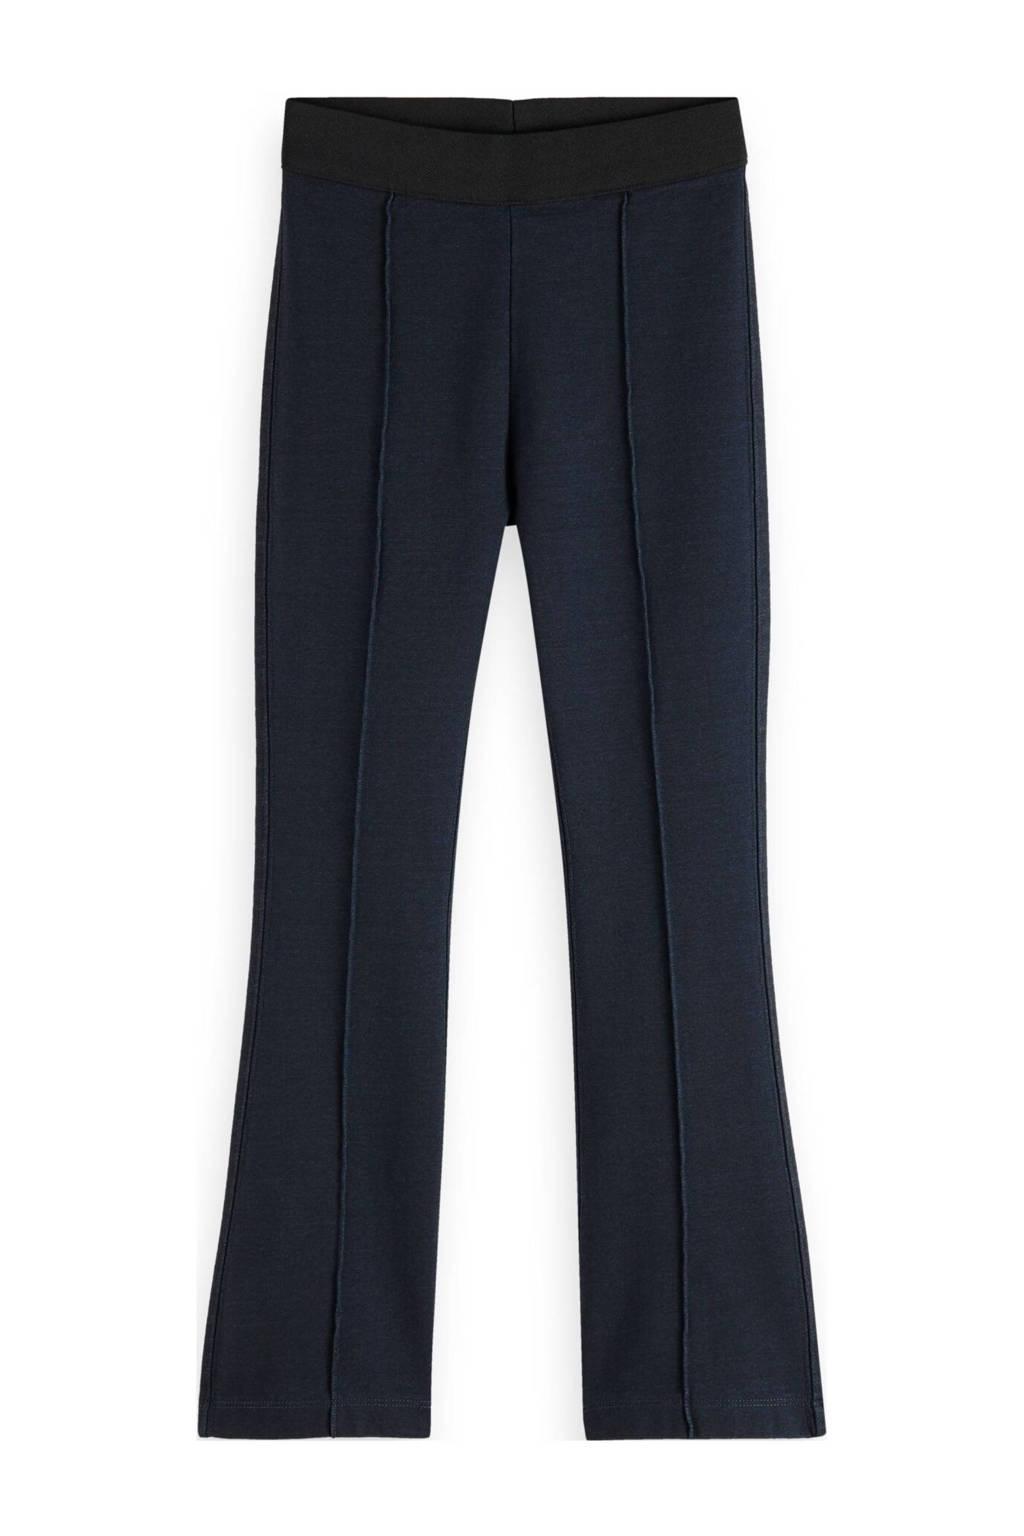 Scotch & Soda broek met krijtstreep donkerblauw, Donkerblauw